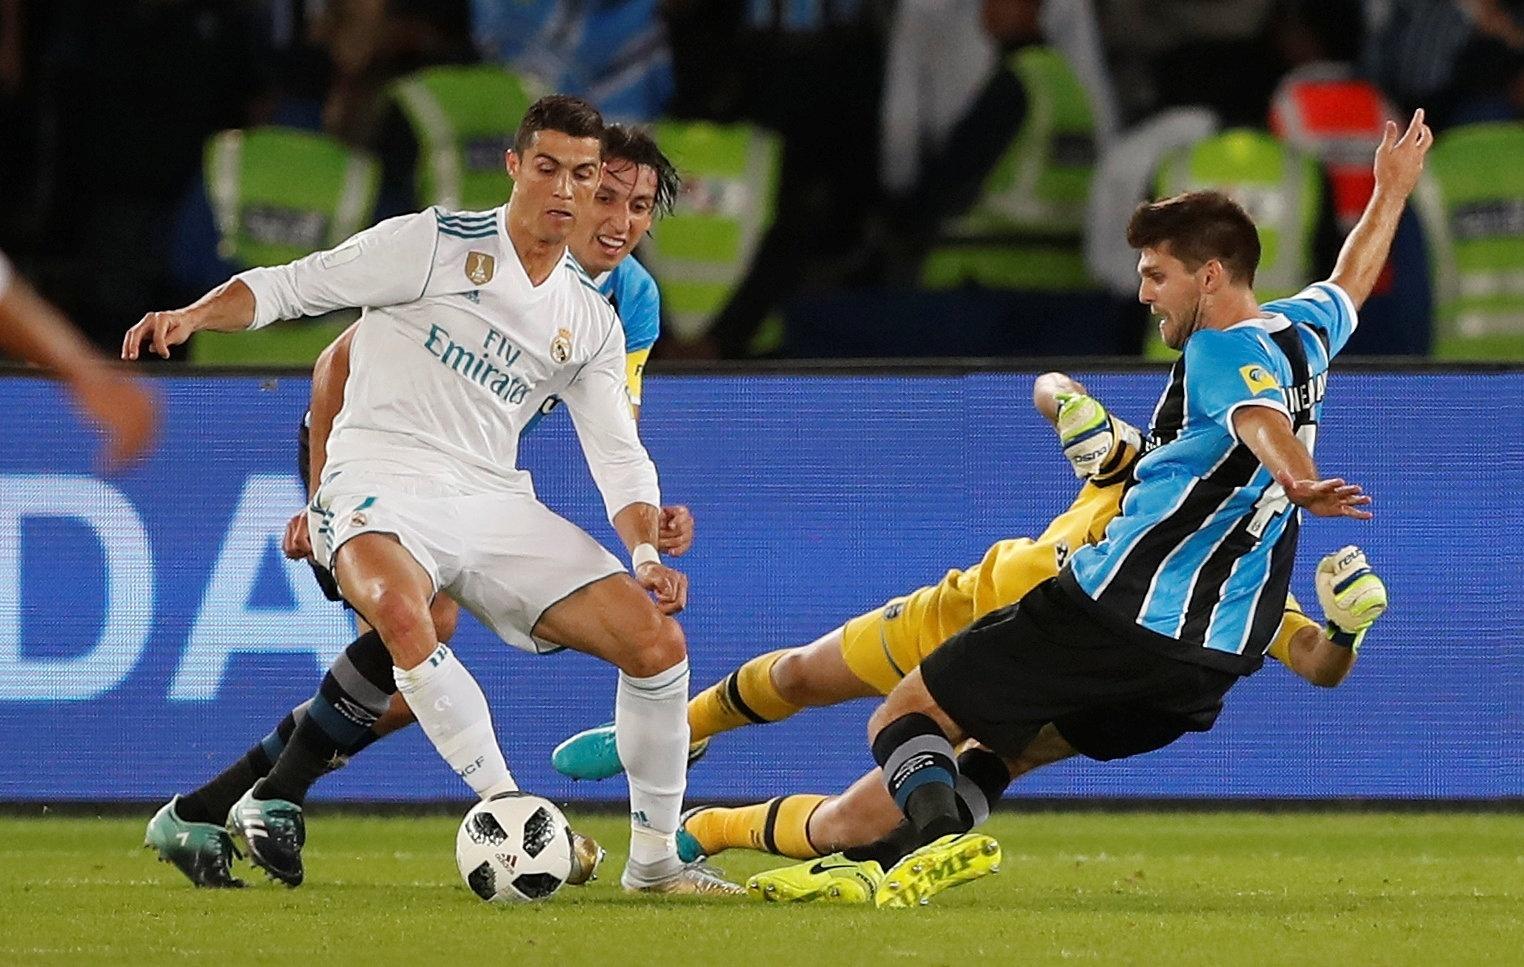 Cristiano Ronaldo tenta limpar a marcação de Kannemann no jogo entre Grêmio e Real Madrid